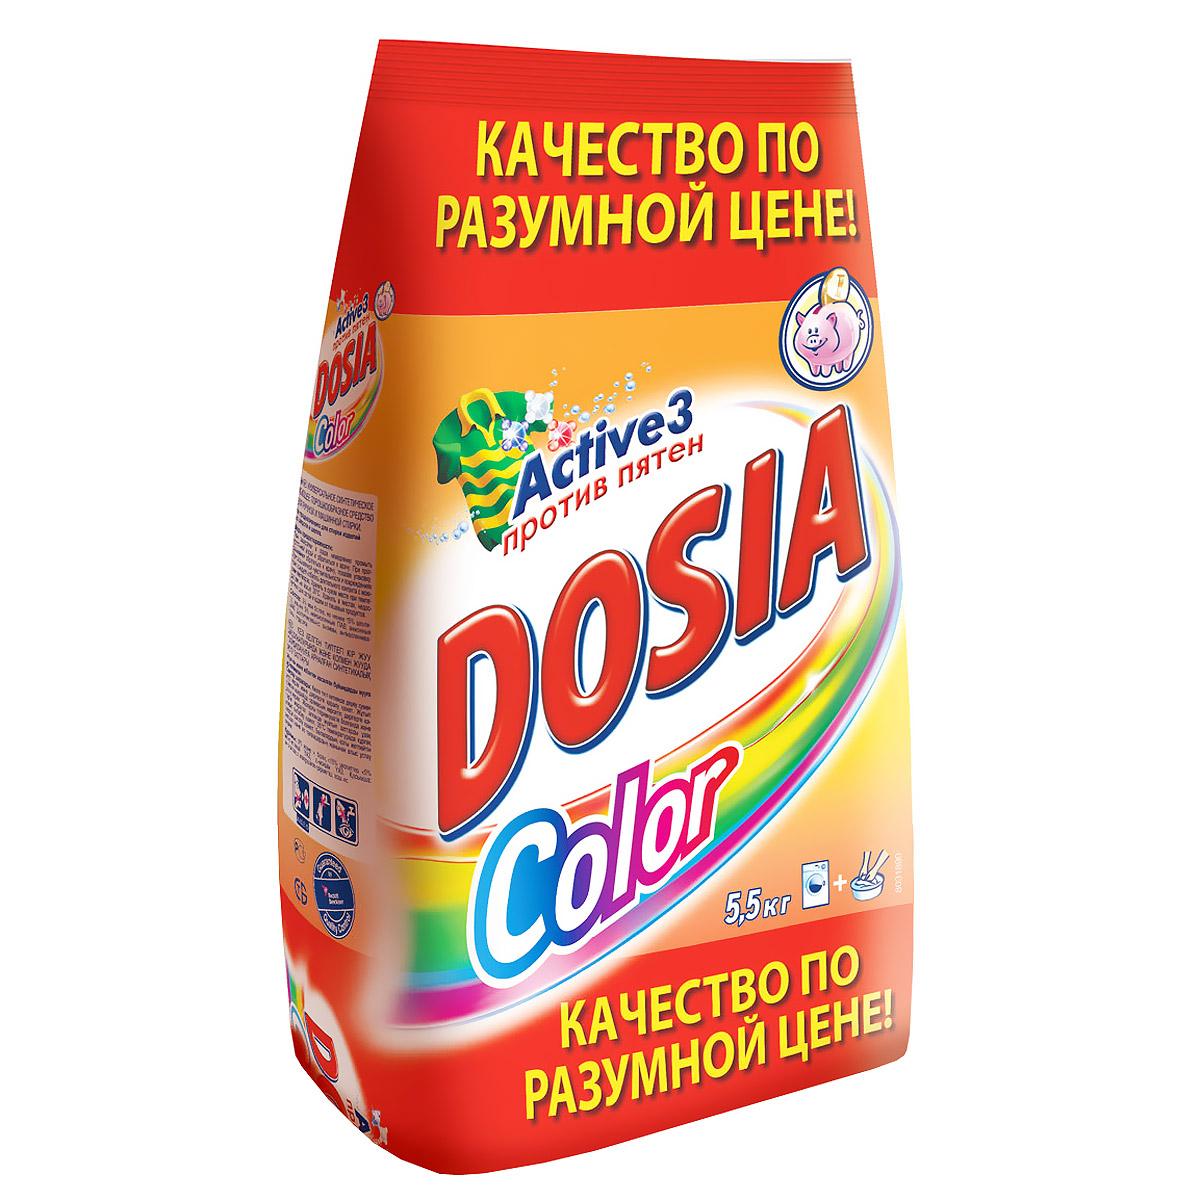 Стиральный порошок Dosia Color. Active 3, аромат свежести, 5,5 кг6.295-875.0Стиральный порошок Dosia Color. Active 3 предназначен для стирки в стиральных машинах любого типа, также подходит для ручной стирки. Стиральный порошок содержит комплекс из трех активных компонентов, которые воздействуют на волокна ткани и эффективно удаляют общие загрязнения, сложные пятна, а также не повреждают цвет вещей после многих стирок. Характеристики:Вес порошка: 5,5 кг. Товар сертифицирован.Обращаем ваше внимание на возможные изменения в дизайне упаковки.